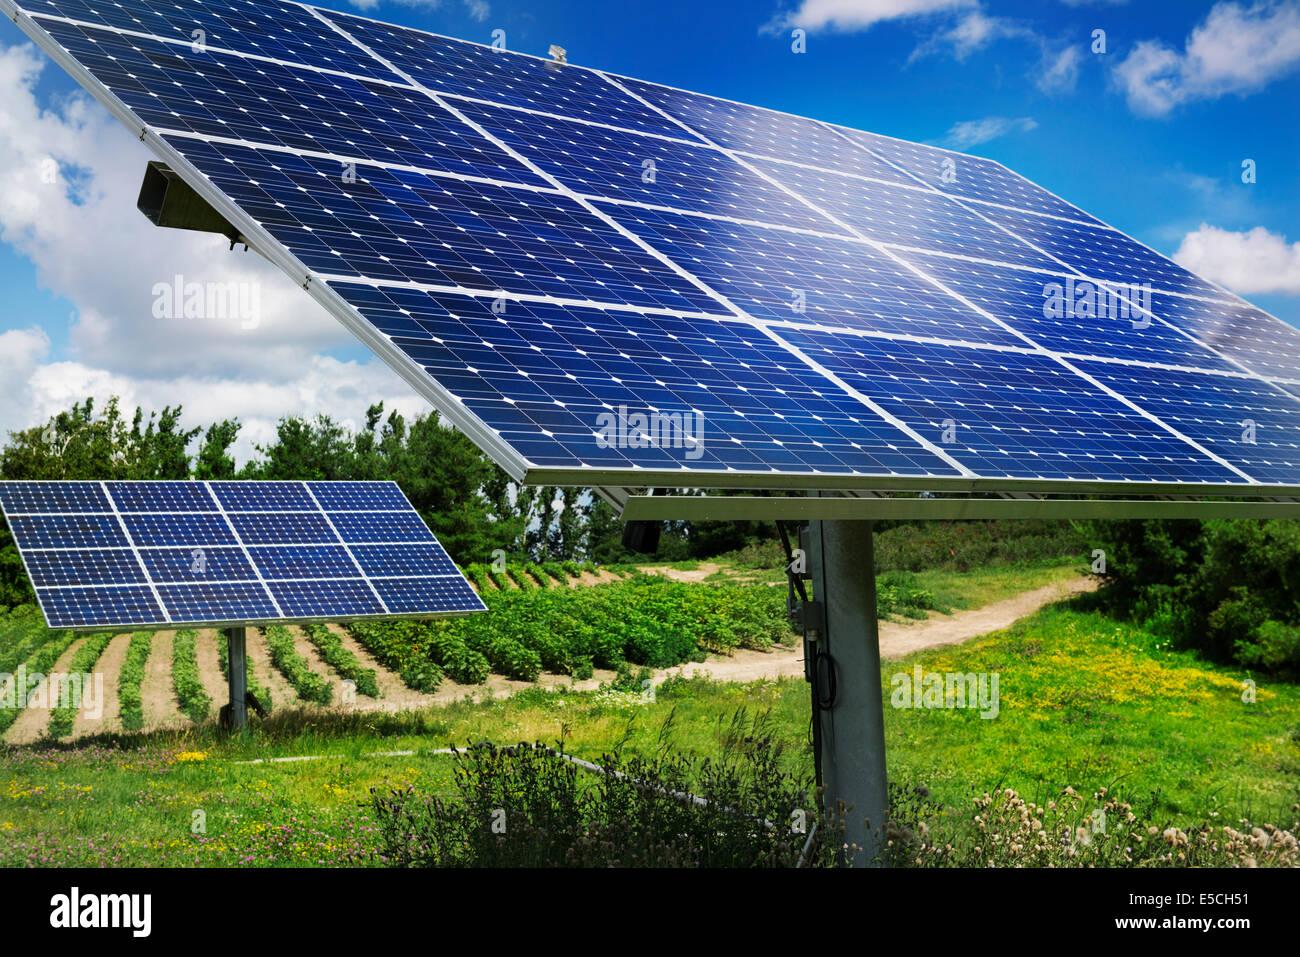 Panneaux solaires avec trackers du soleil sur une ferme à Milton, Ontario, Canada. Photo Stock